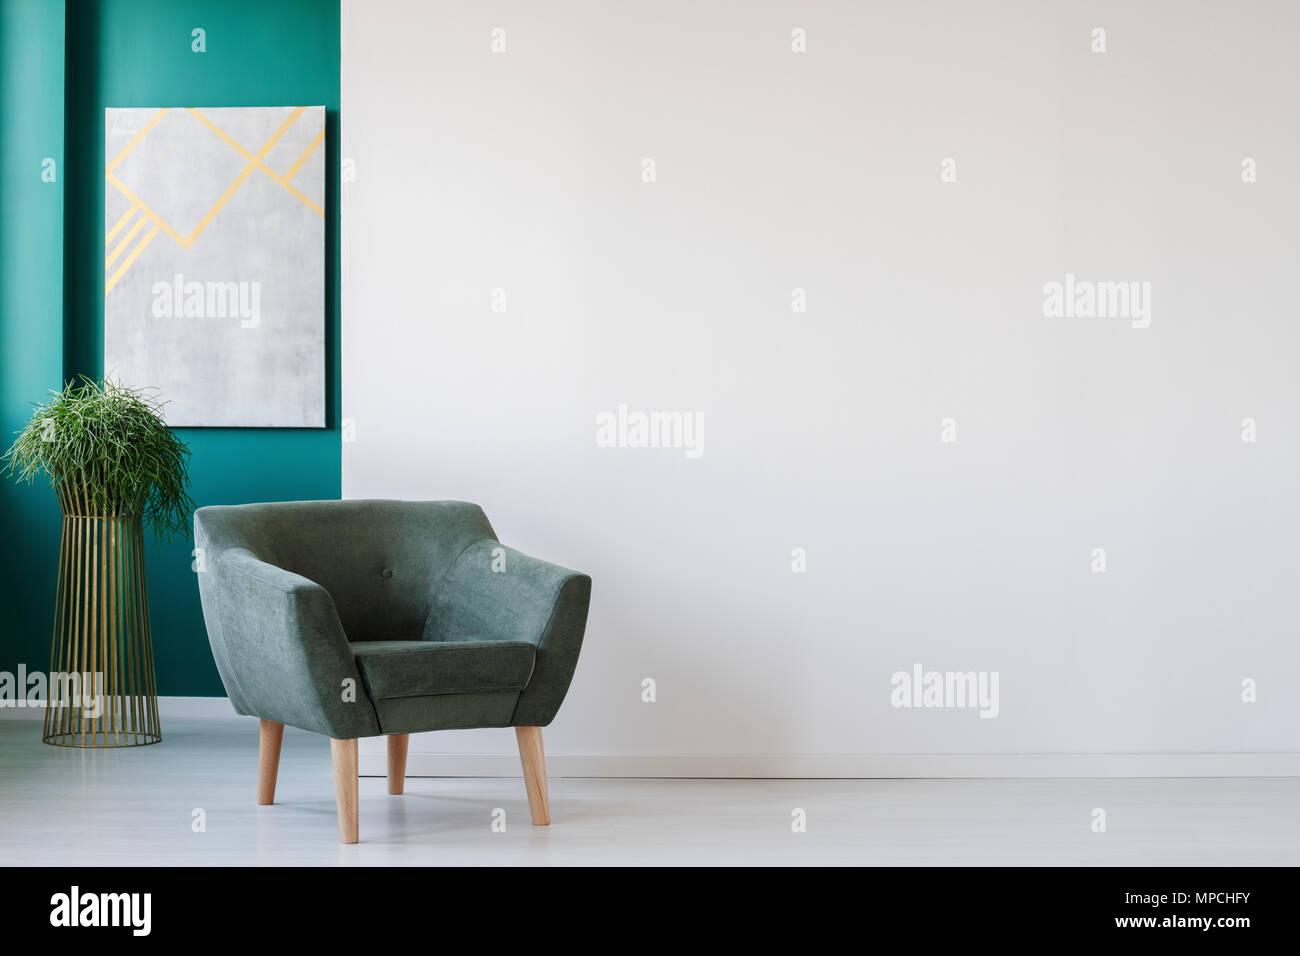 Minimalistische wohnzimmer interieur mit leeren weißen wand grünen